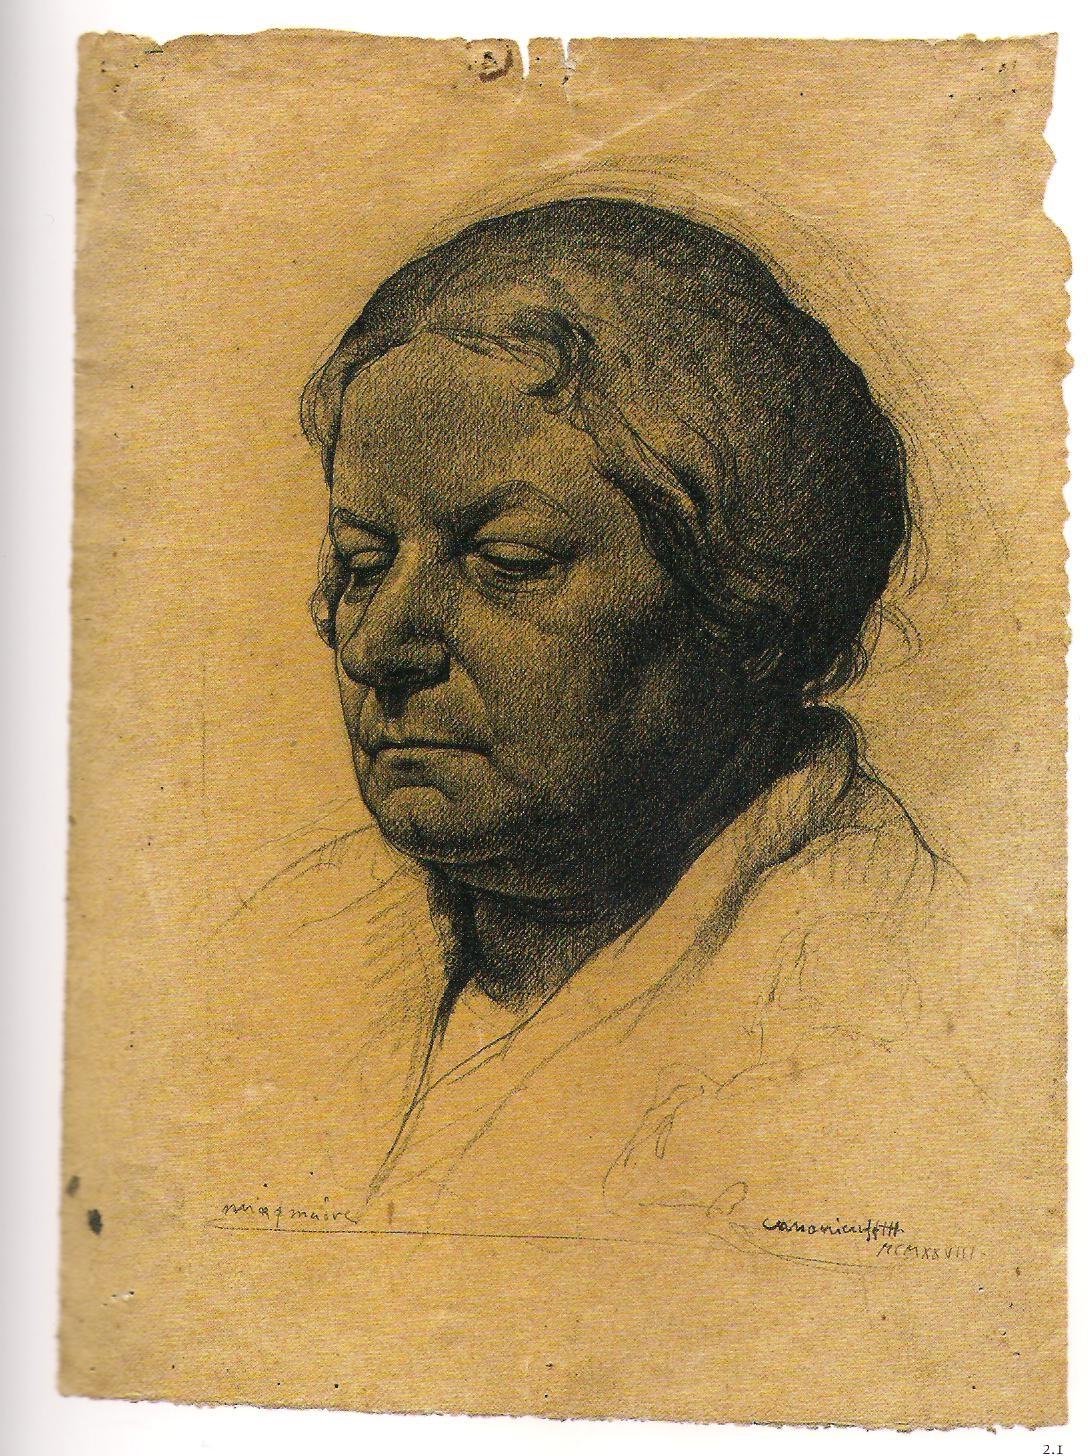 Annigoni ritratto della madre 1928 a 18 anni